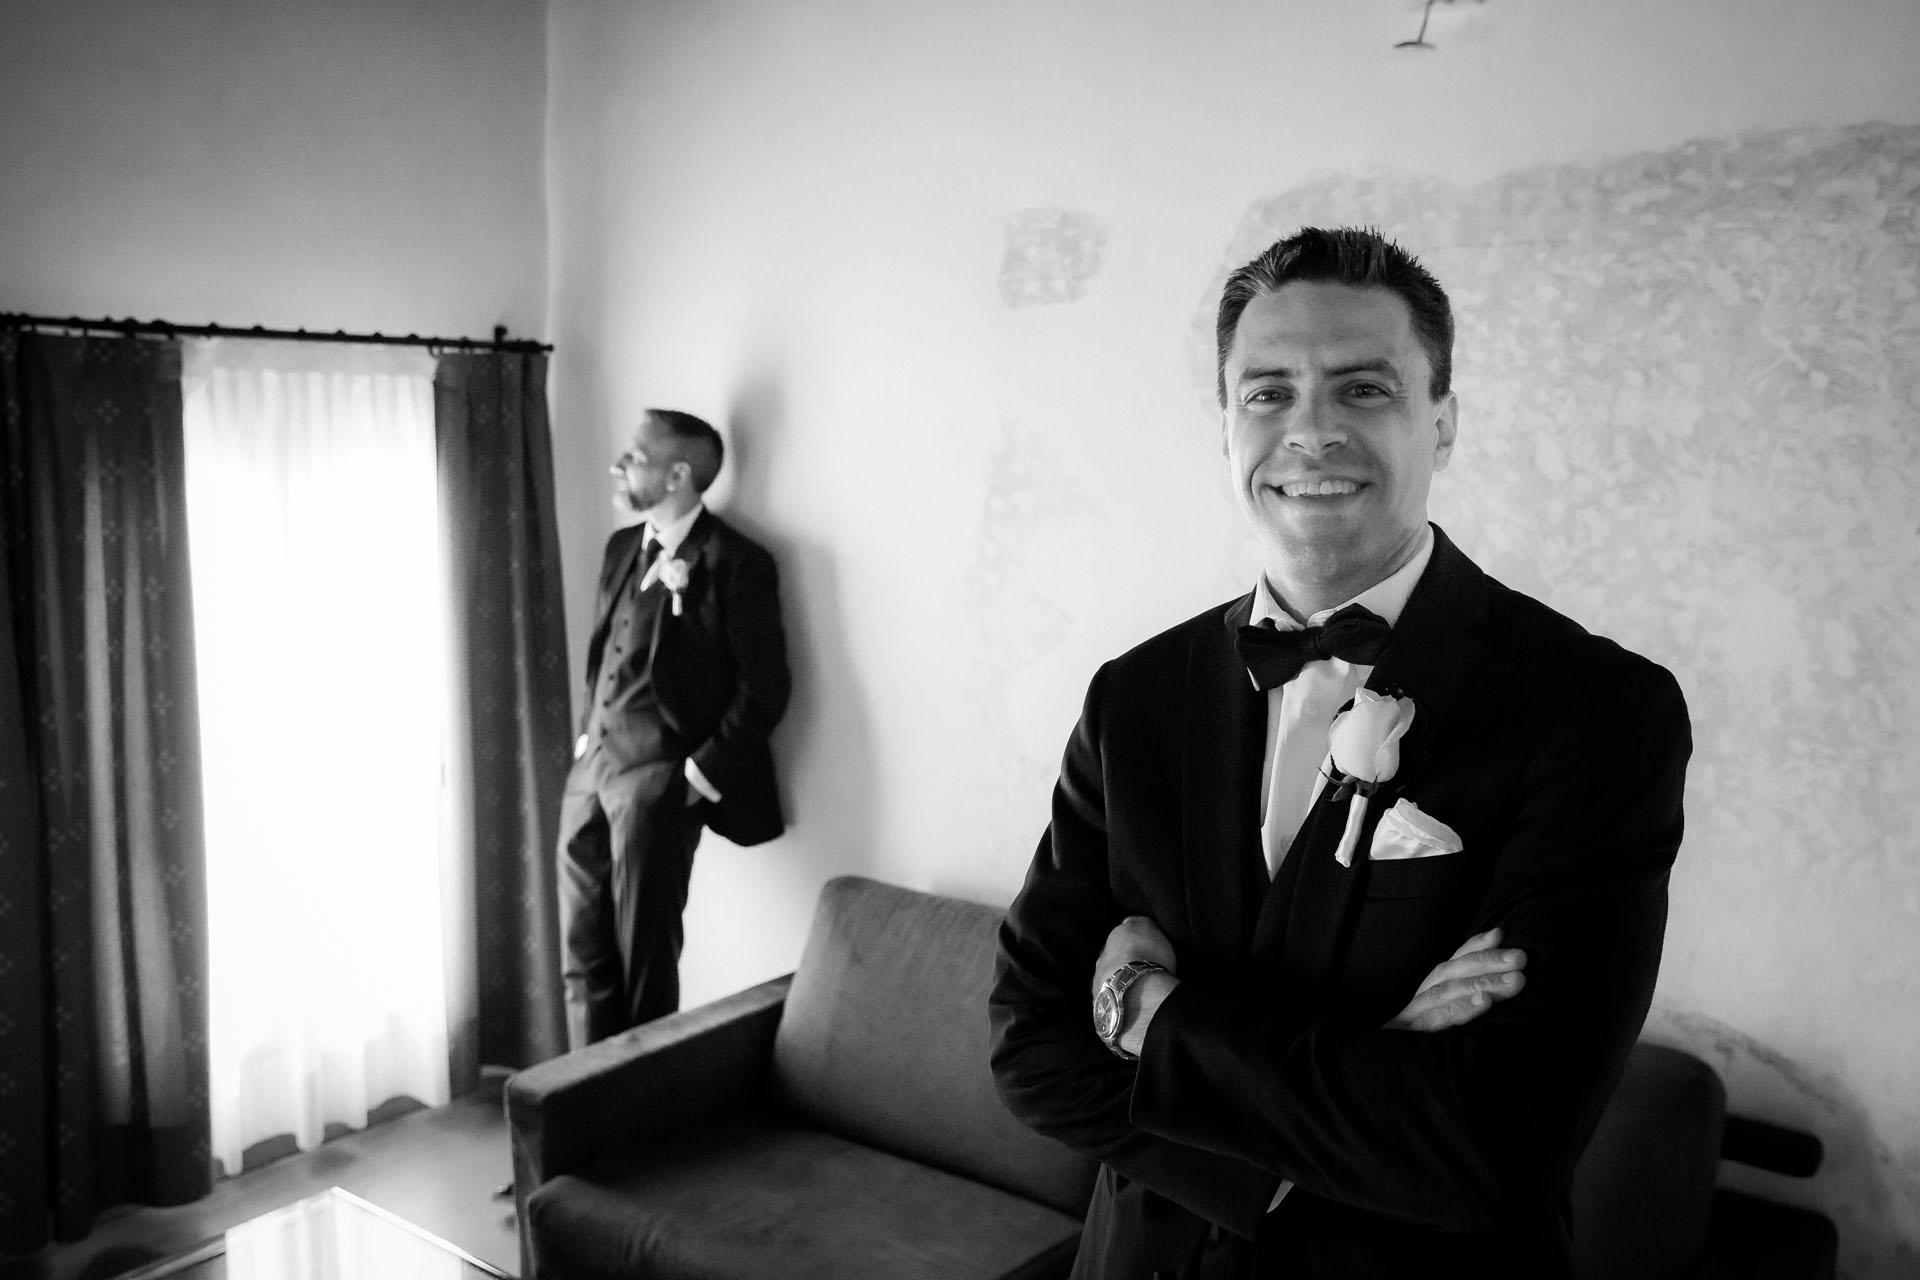 Jessica-Jason-il-Testimone-Weddingdestination-Storytelling-Renato-Zanette-Fotografo-Convento-San-Francesco-Conegliano-Treviso-Veneto